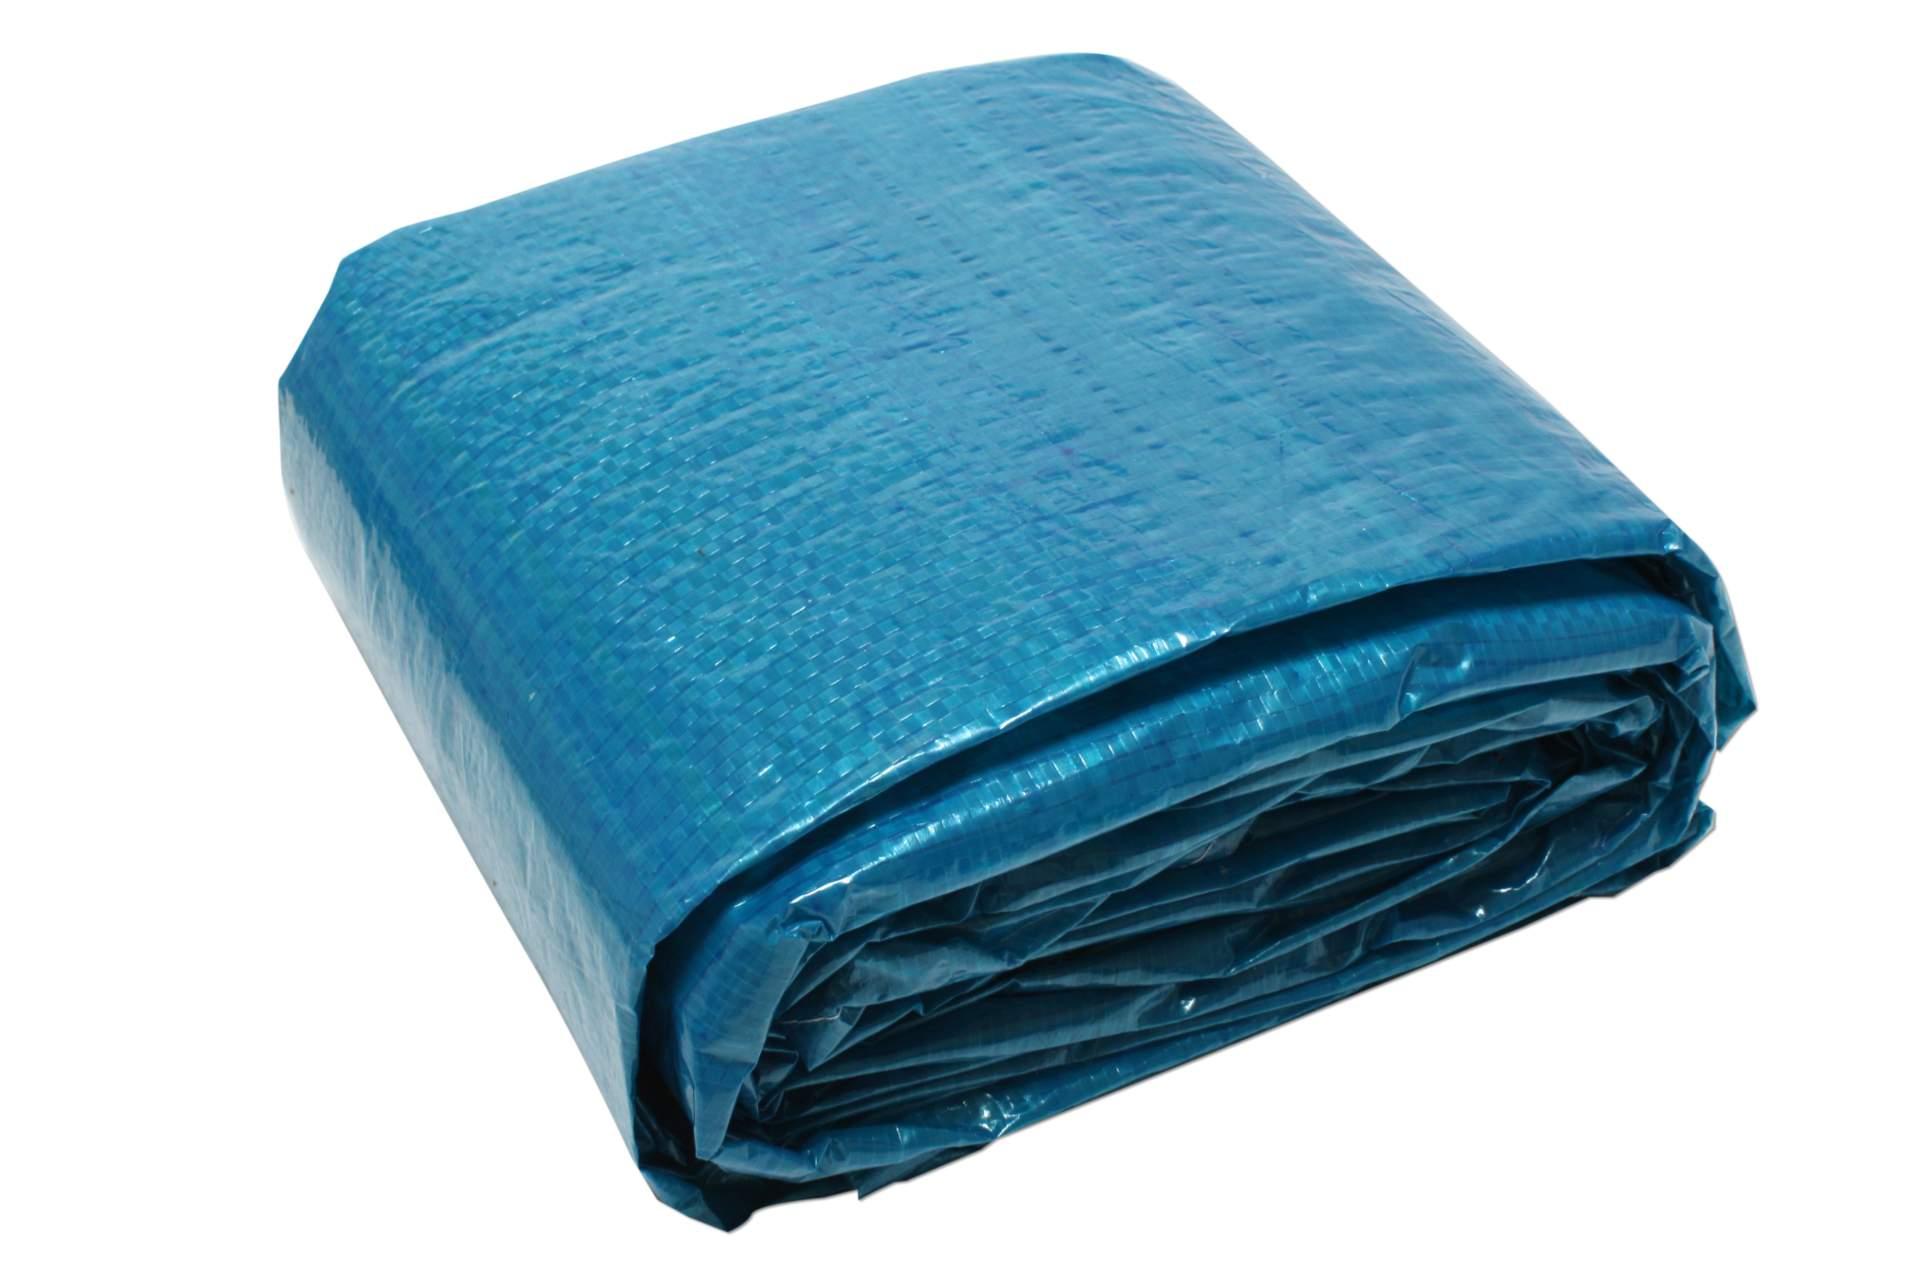 bestway 305 cm abdeckplane blau f r pool plane planschbecken abdeckung plane neu ebay. Black Bedroom Furniture Sets. Home Design Ideas